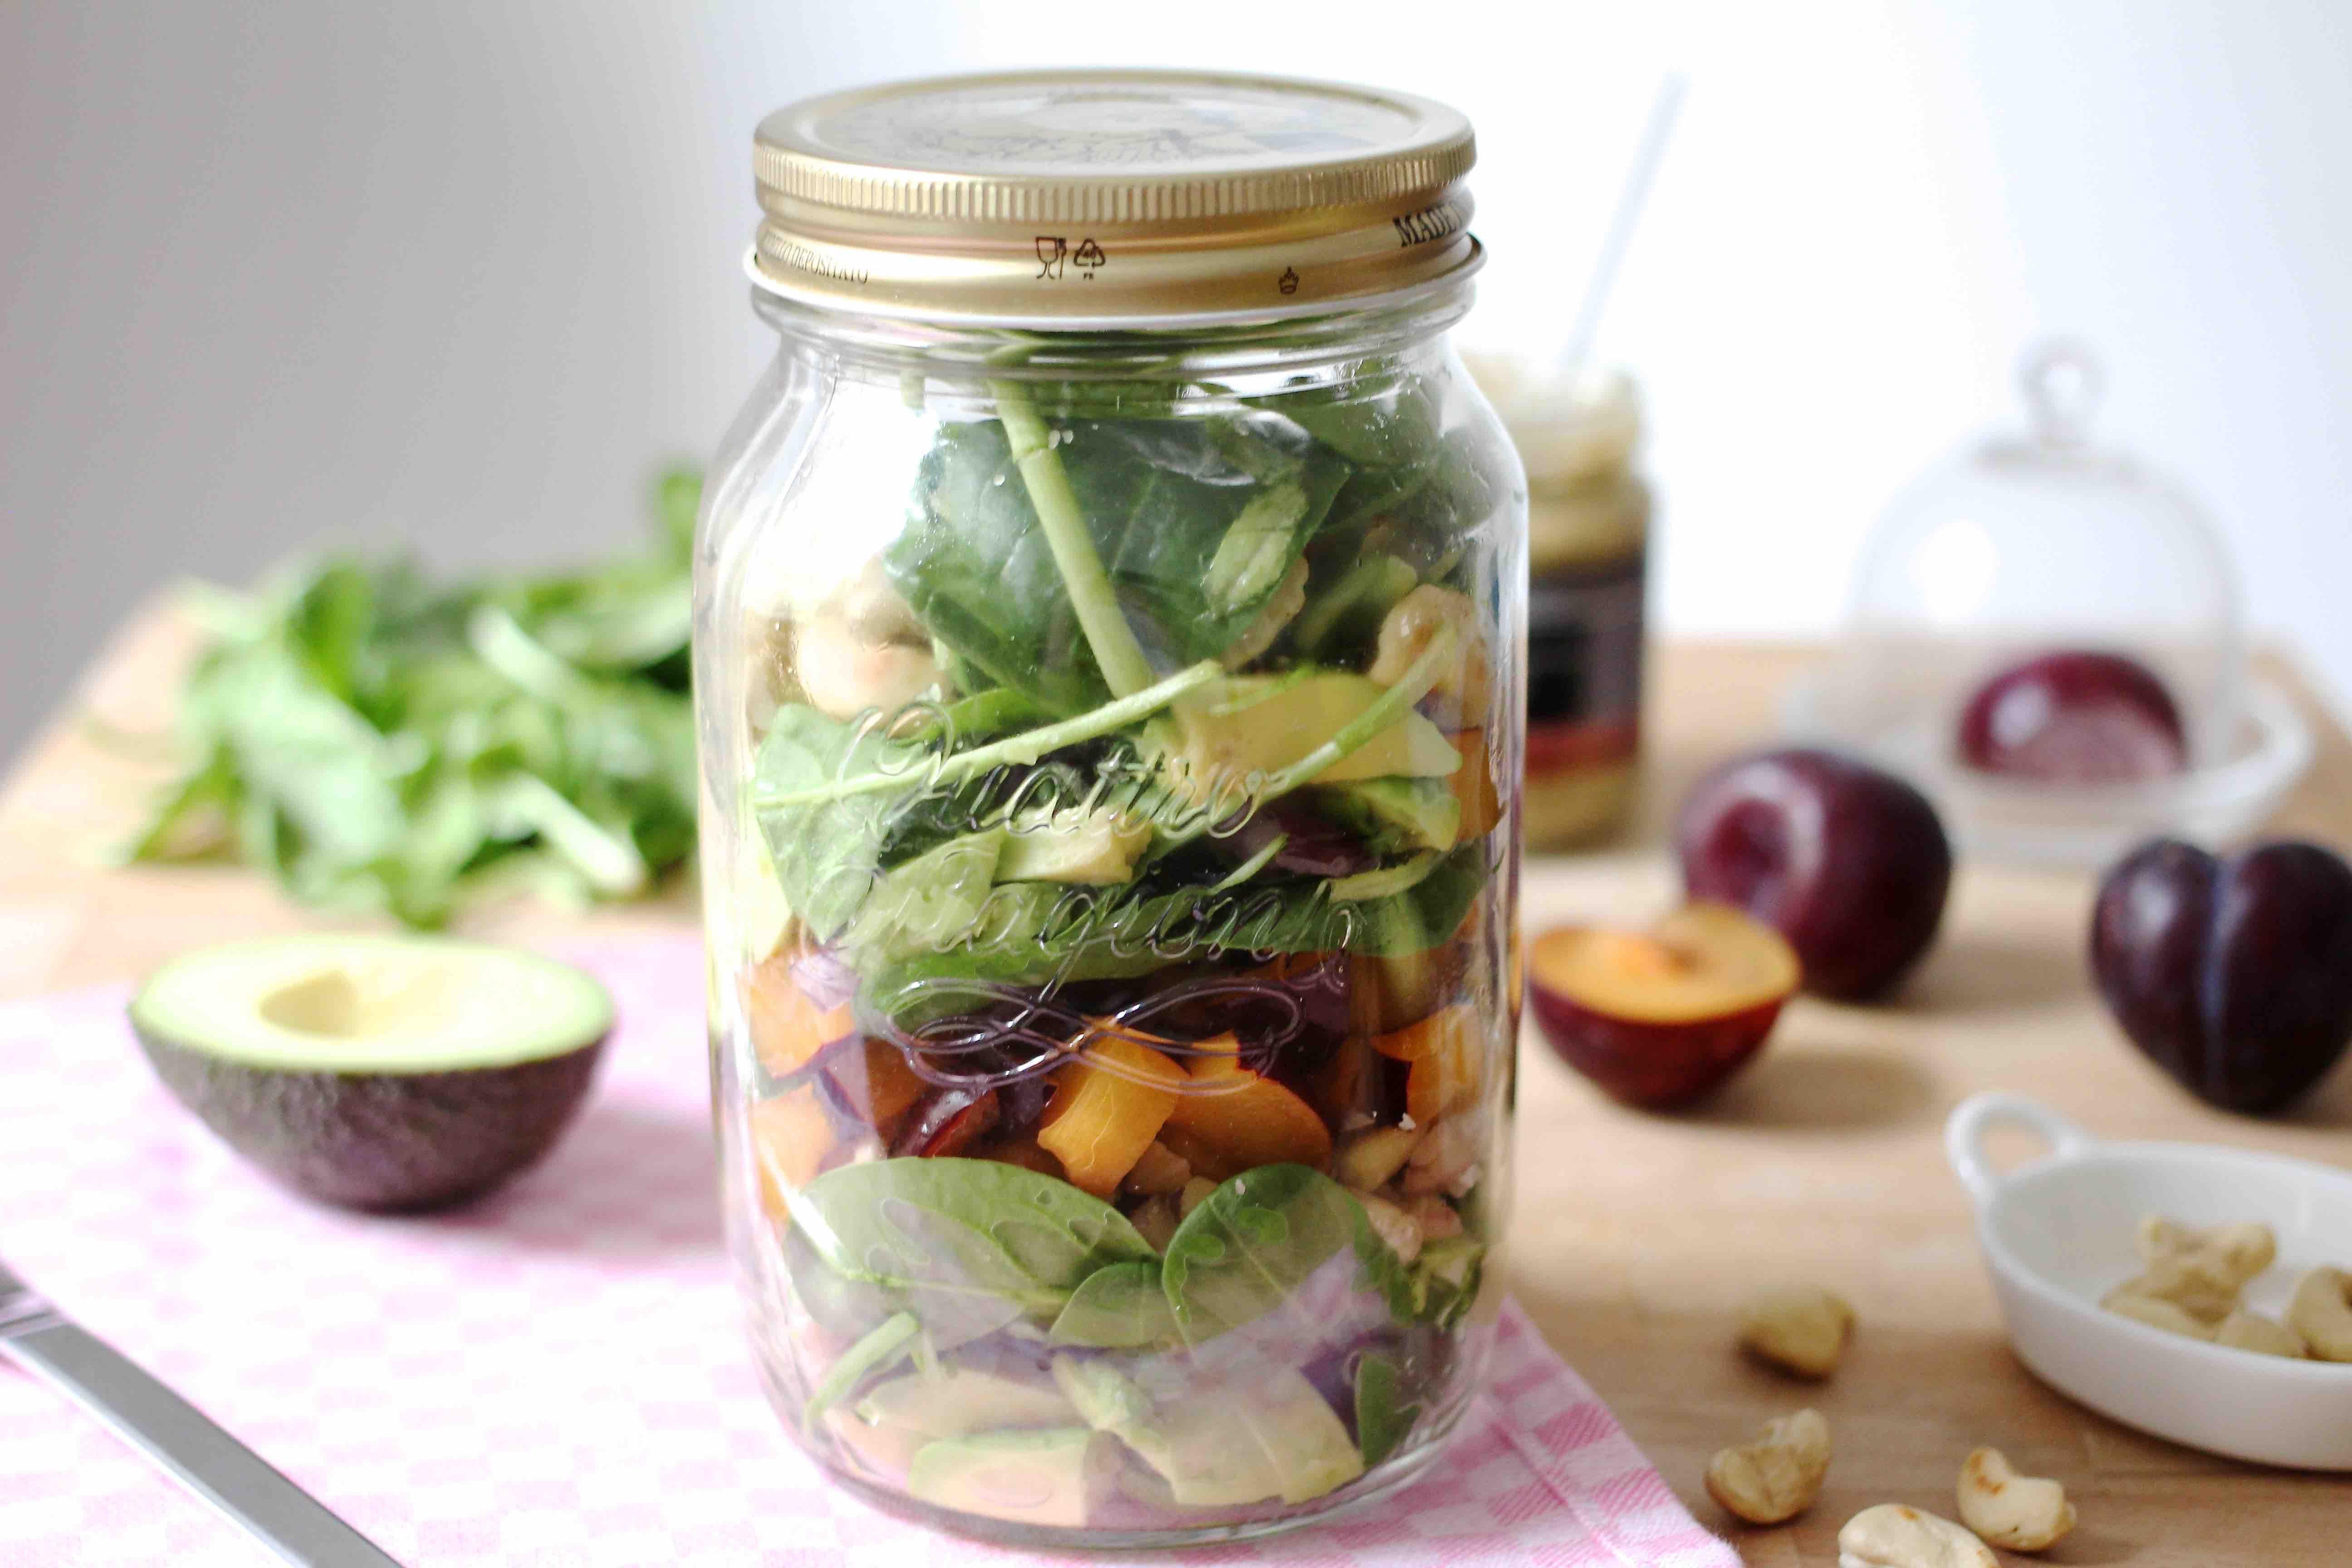 Shaking Salad / Salad im Glas / Maroni - Spinat Salad